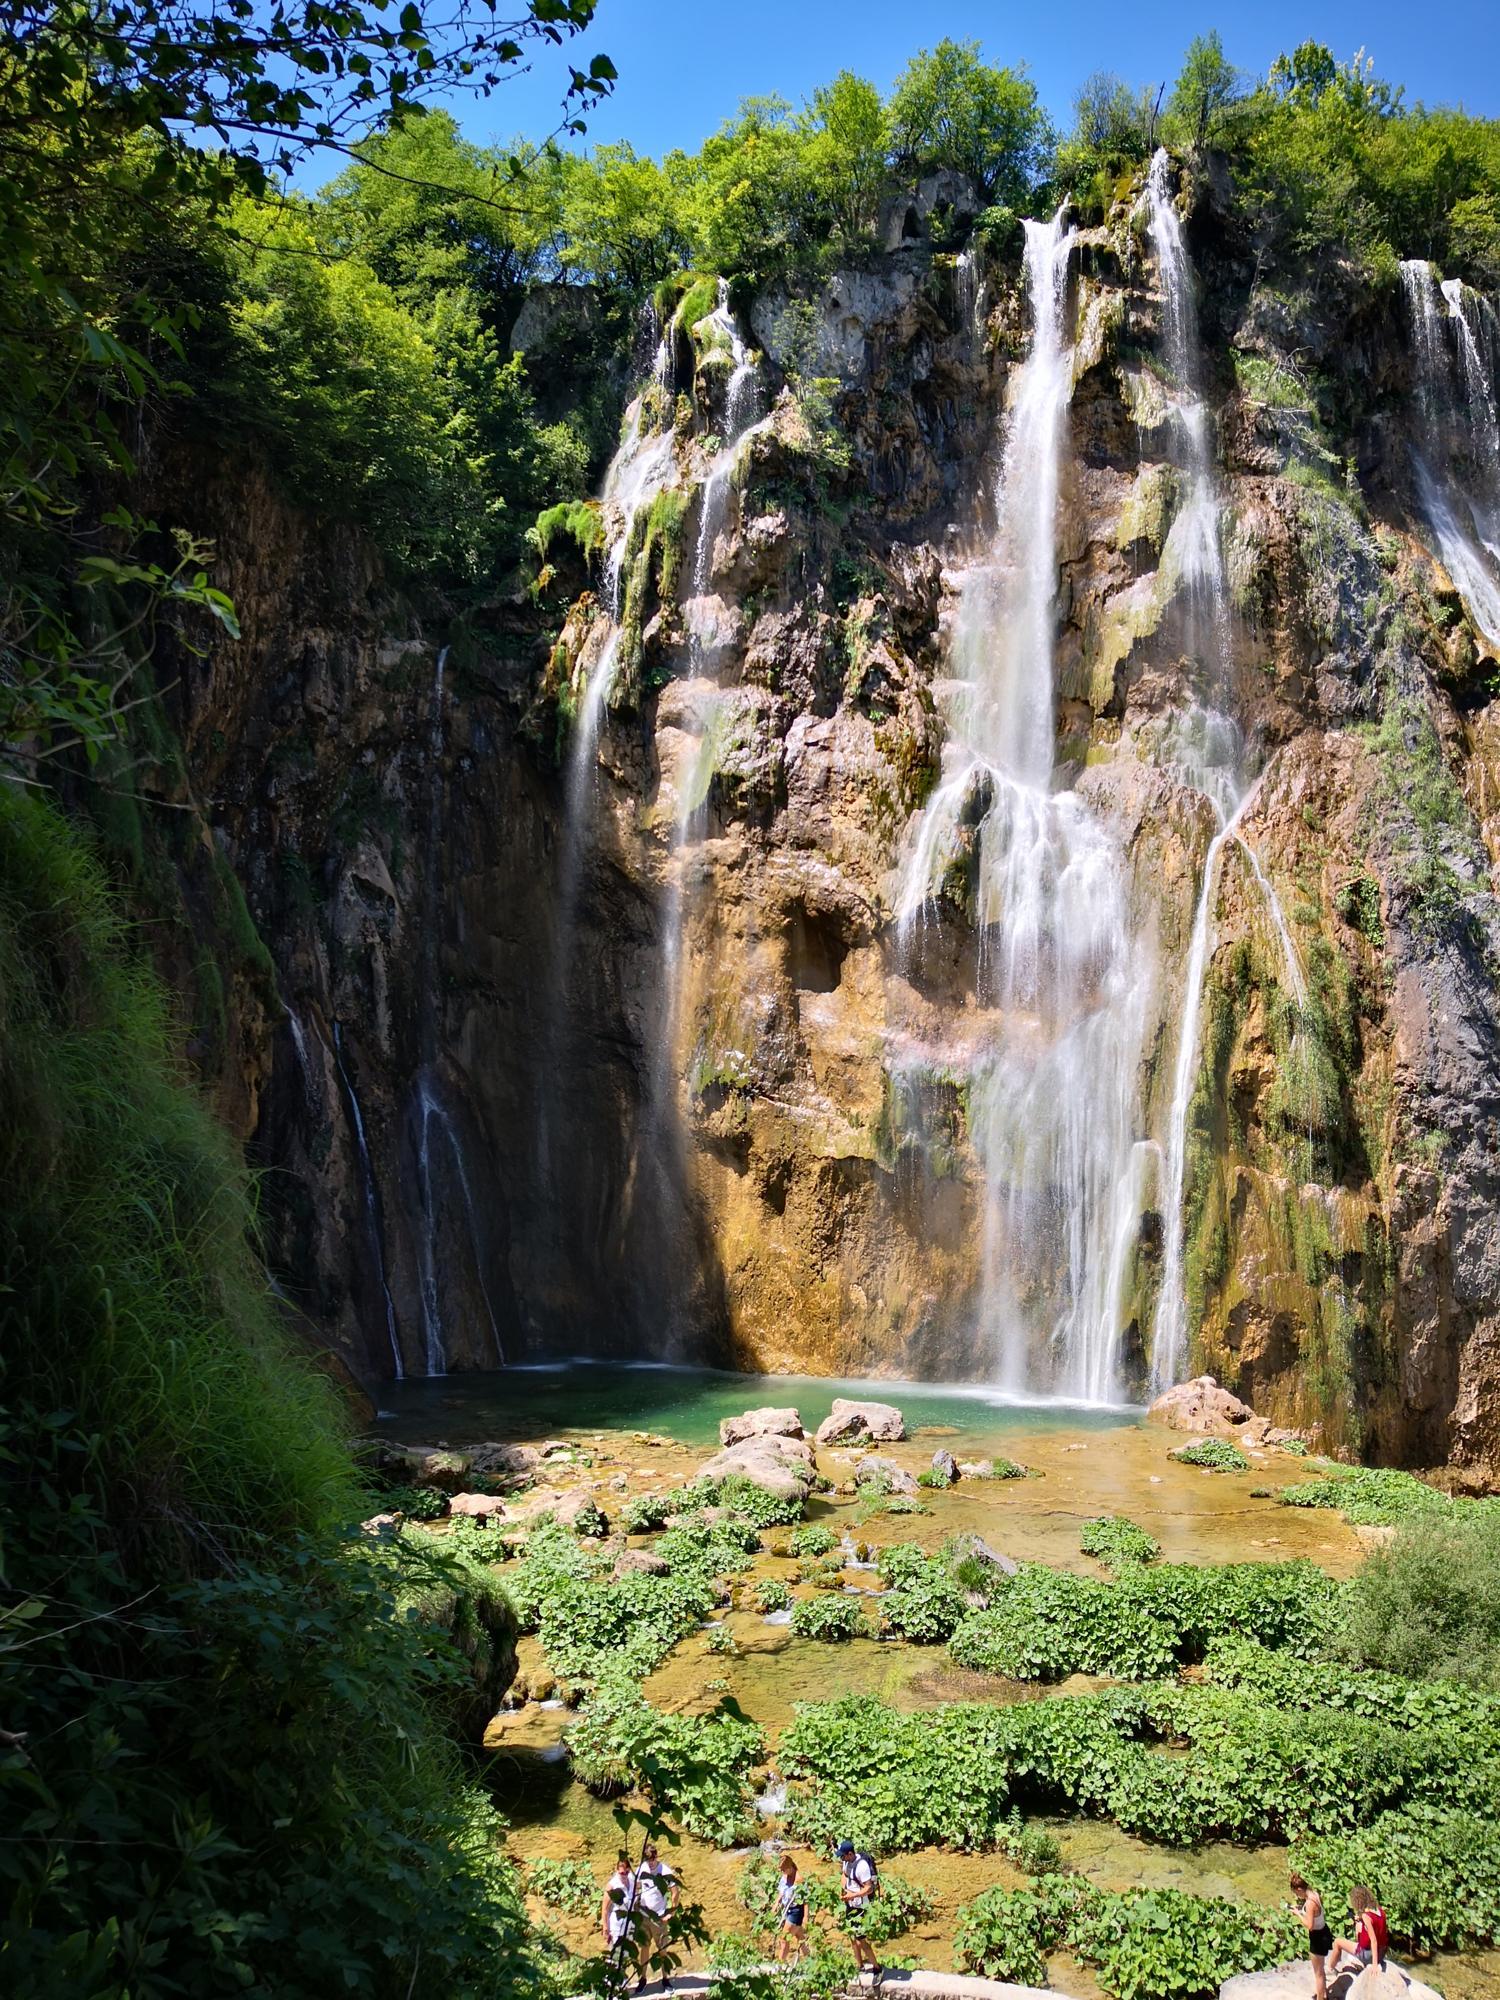 Gran Cascada_ Veliki Slap